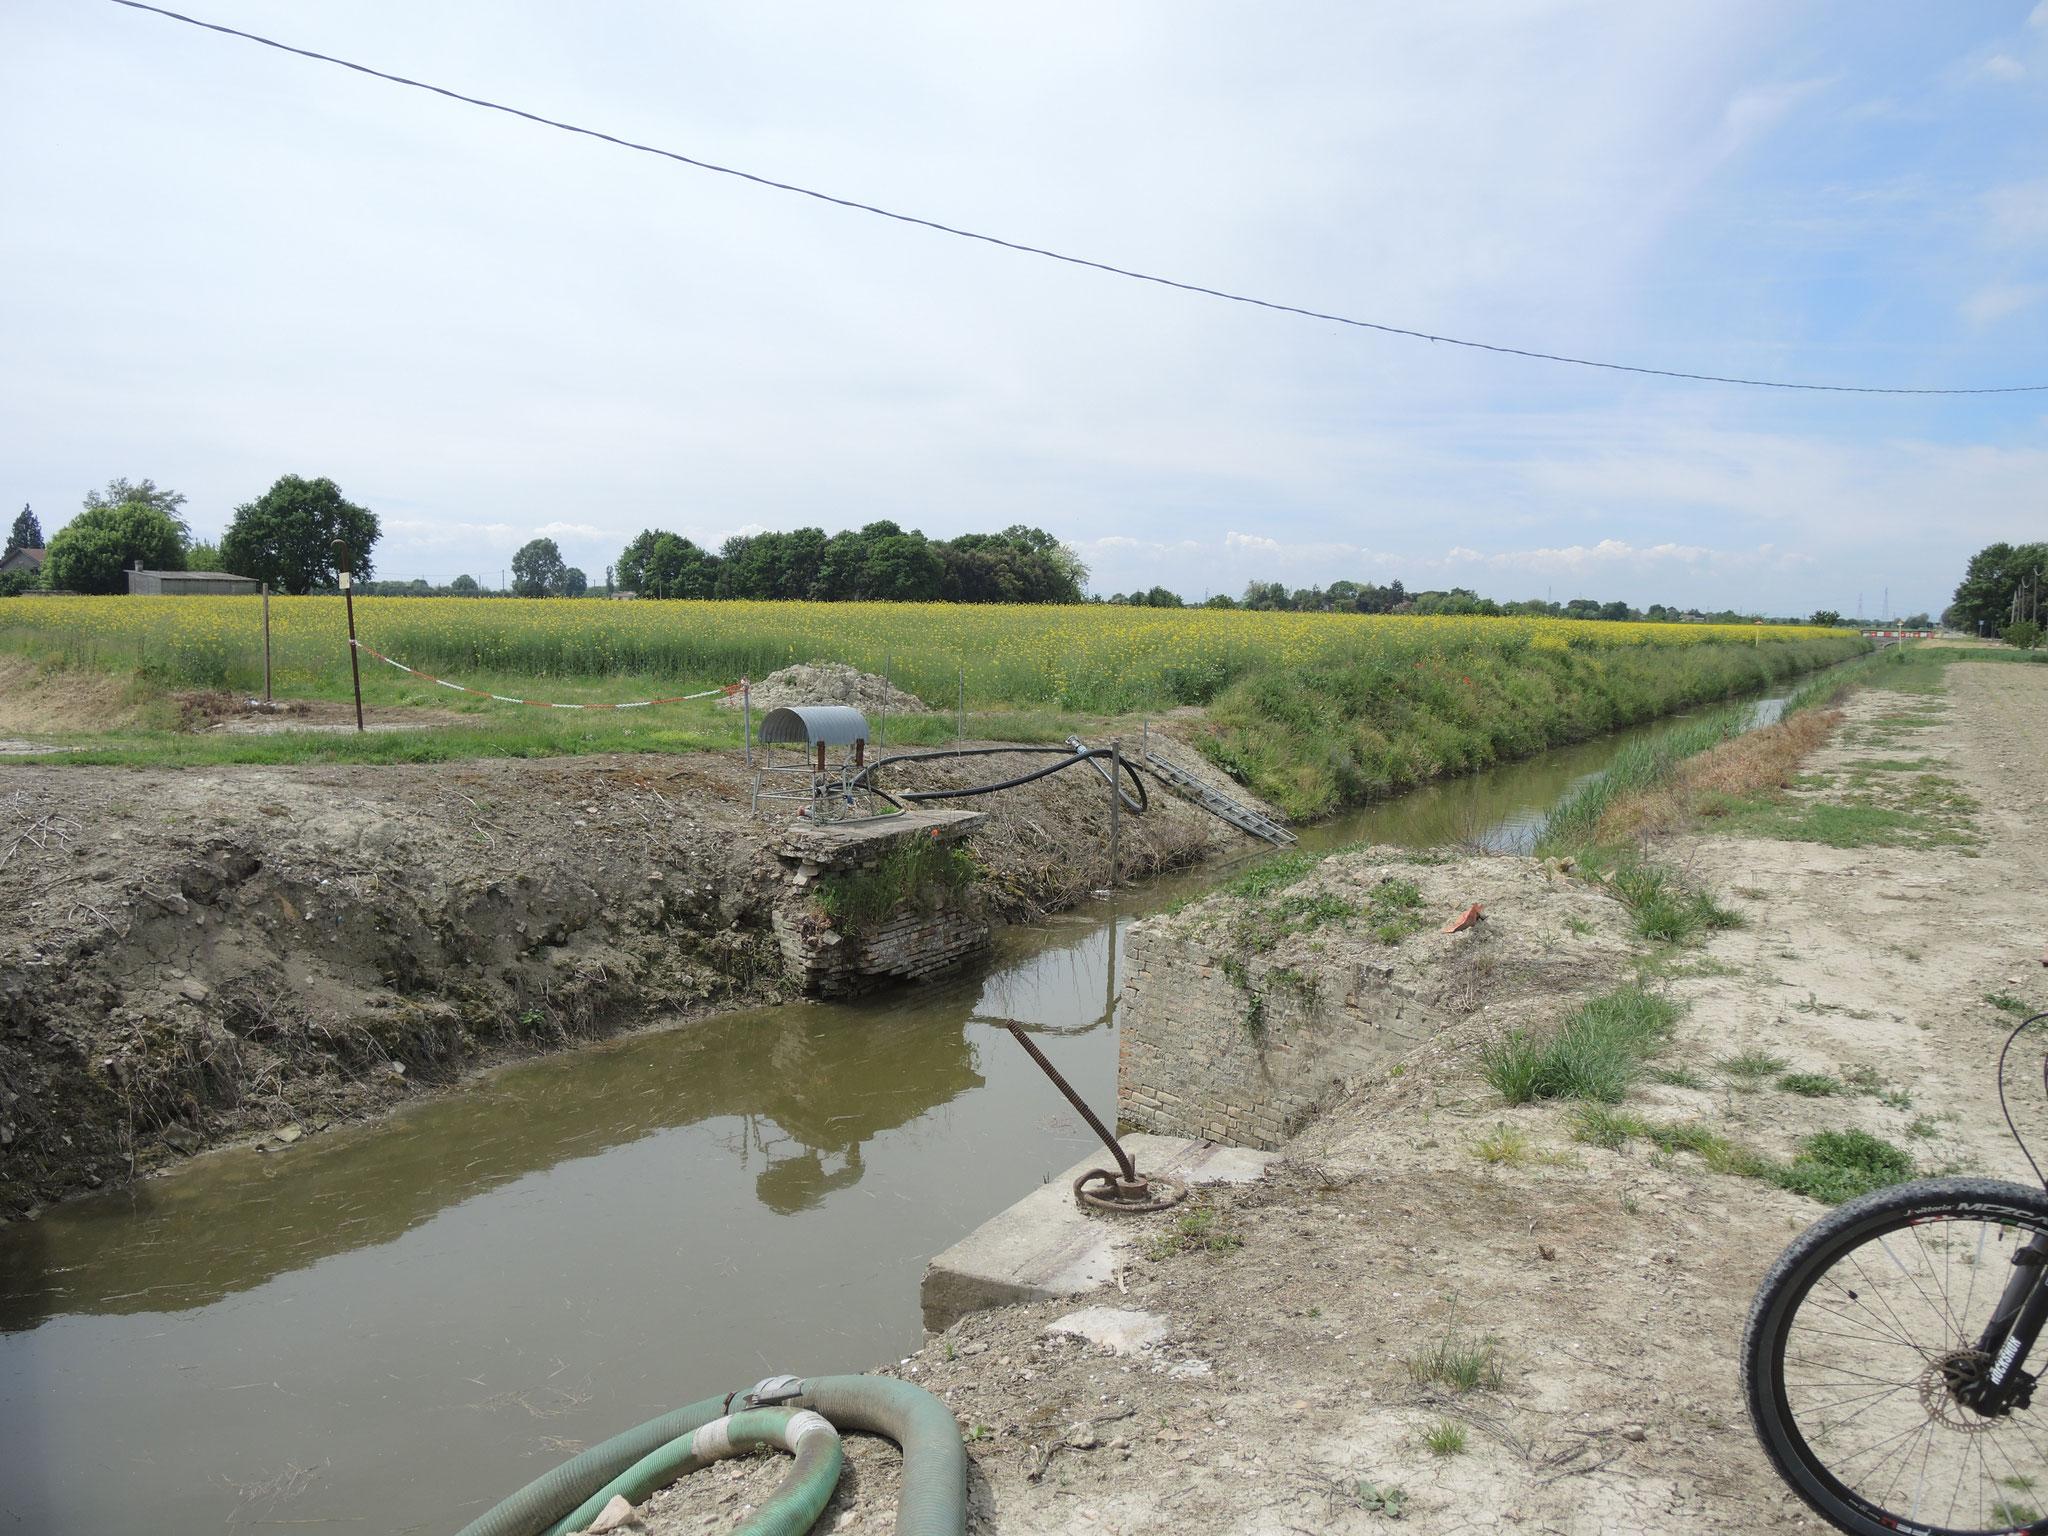 Resti del manufatto del ponte della ferrovia a scartamento ridotto dell'Eridania, per il trasporto delle barbabietole da zucchero in Via Canalazzo nei pressi di Sant'Antonio